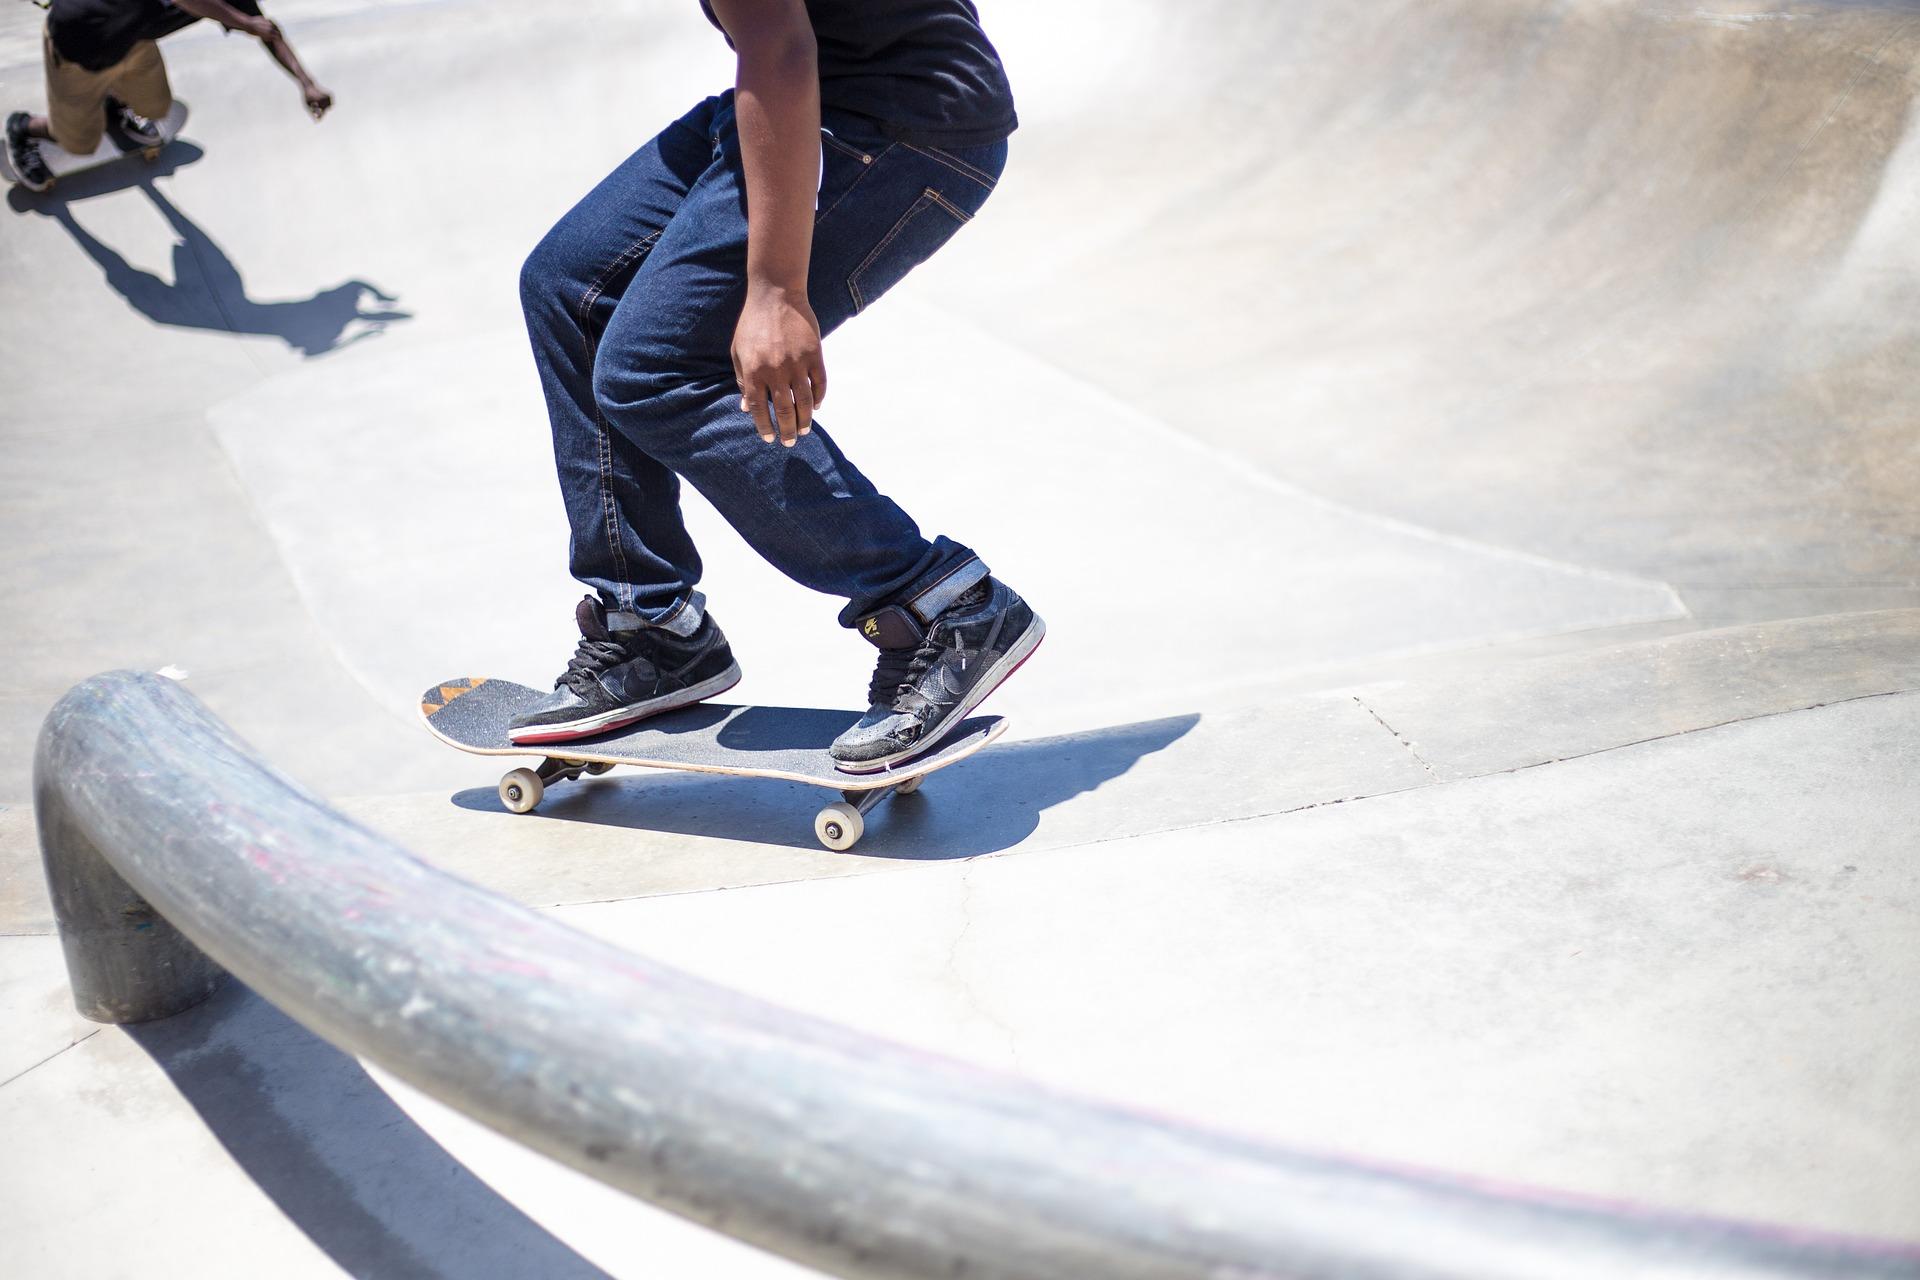 skateboarding-821501_1920